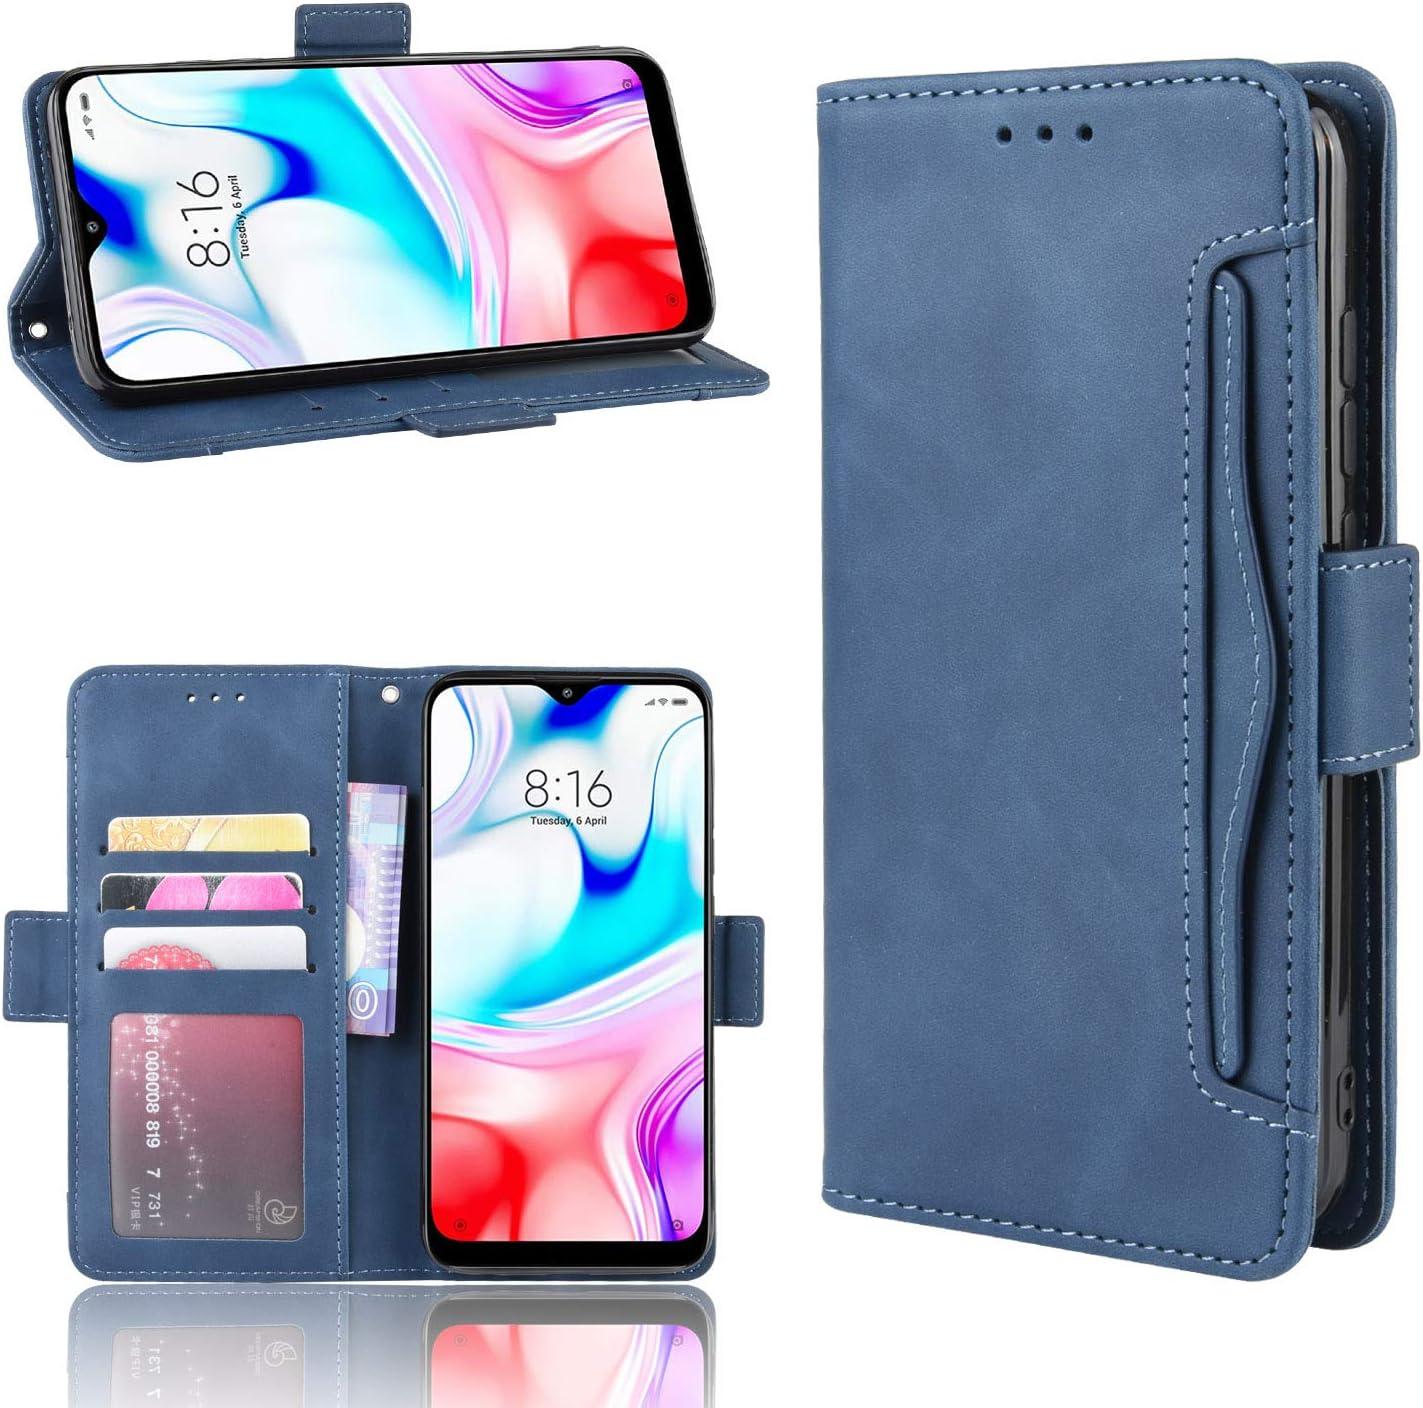 LOEBE020971 Blu Custodia a Libro Pelle Porta Carte Chiusura Magnetica Antiurto Flip Wallet Case per Xiaomi Redmi 8 Lomogo Cover Xiaomi Redmi 8 Portafoglio